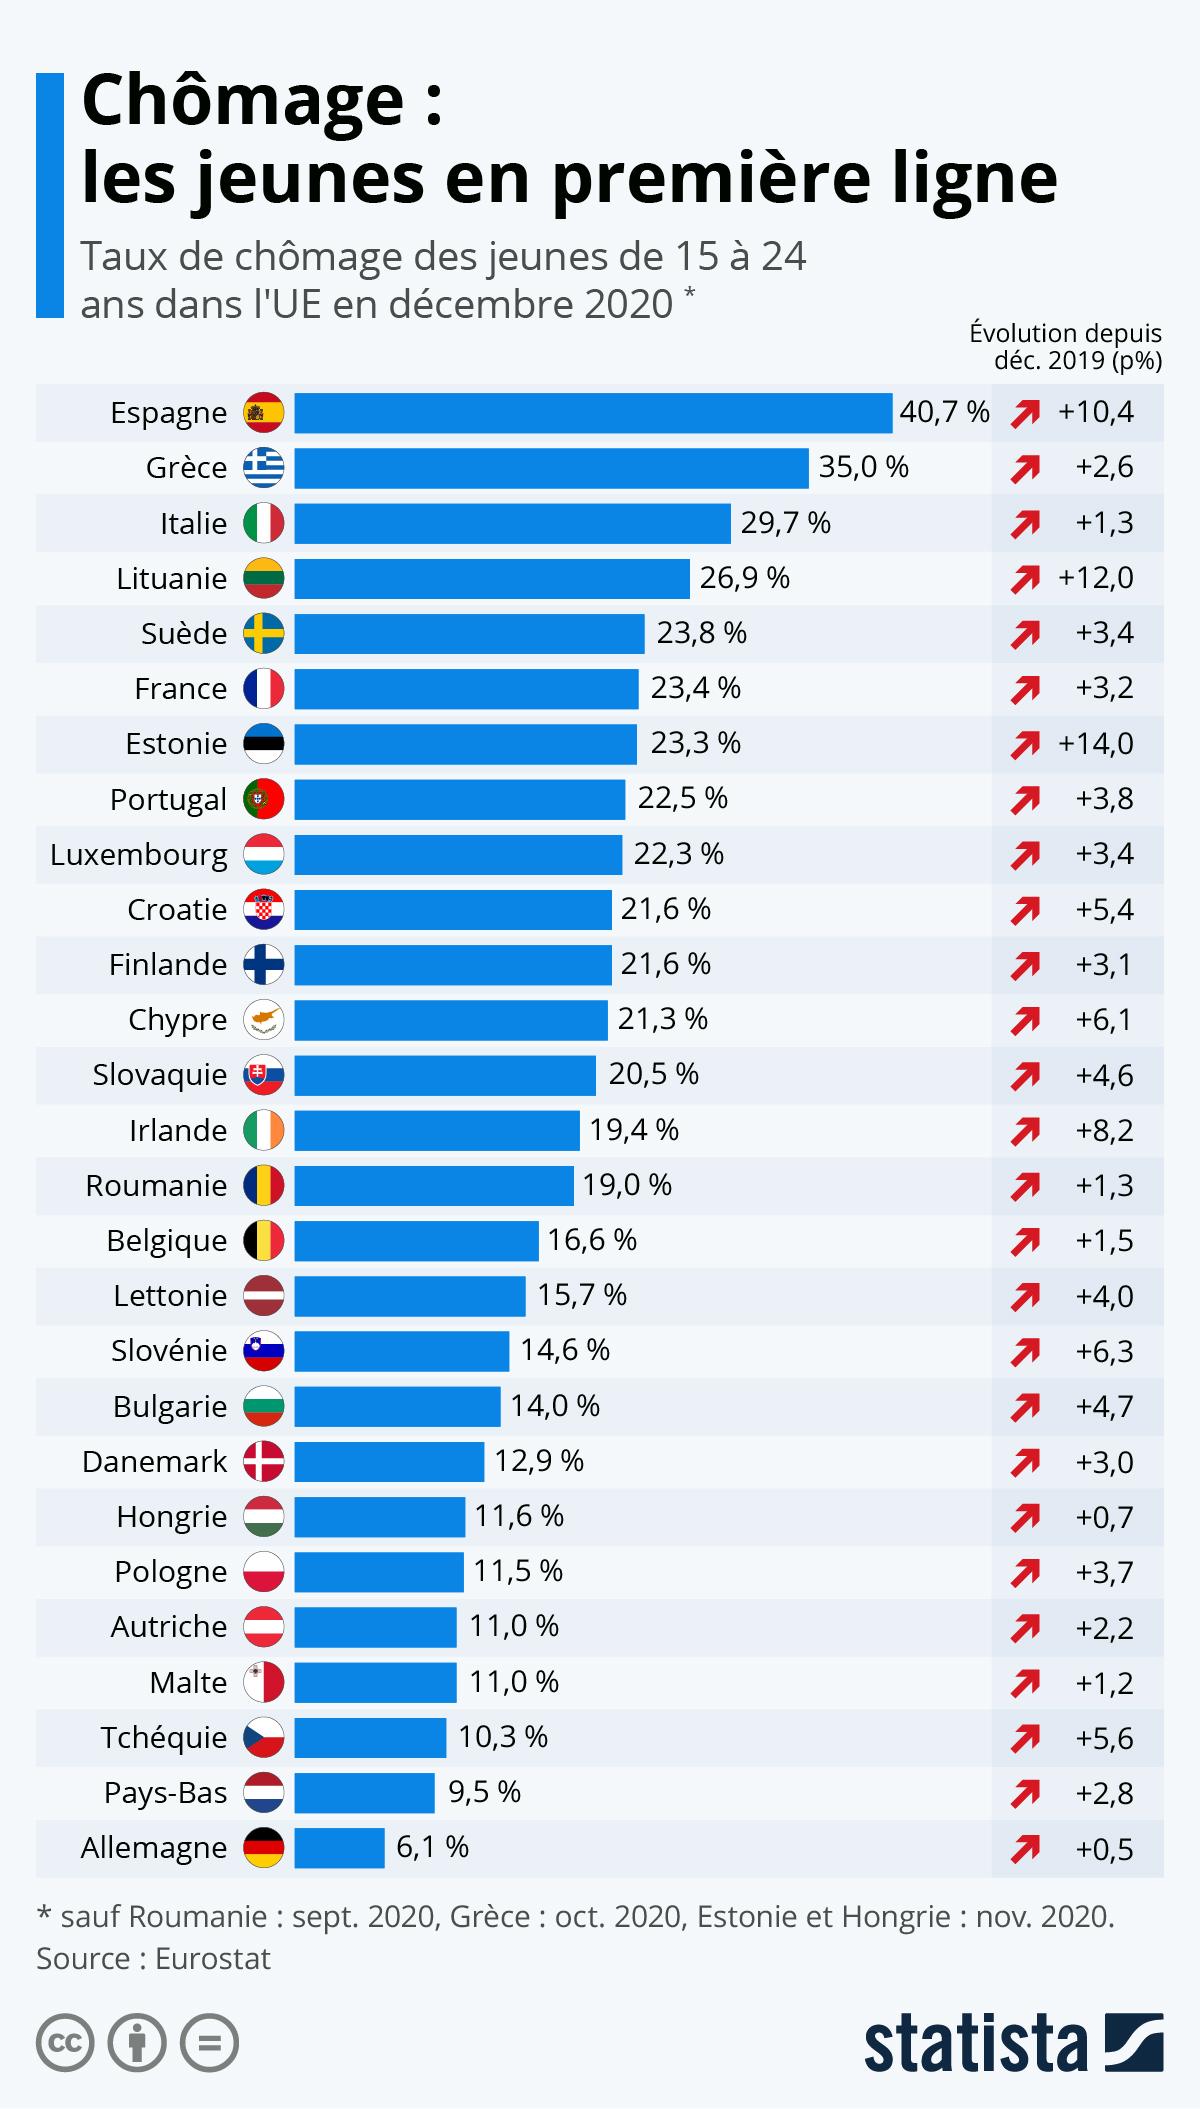 Infographie: Chômage : les jeunes en première ligne | Statista